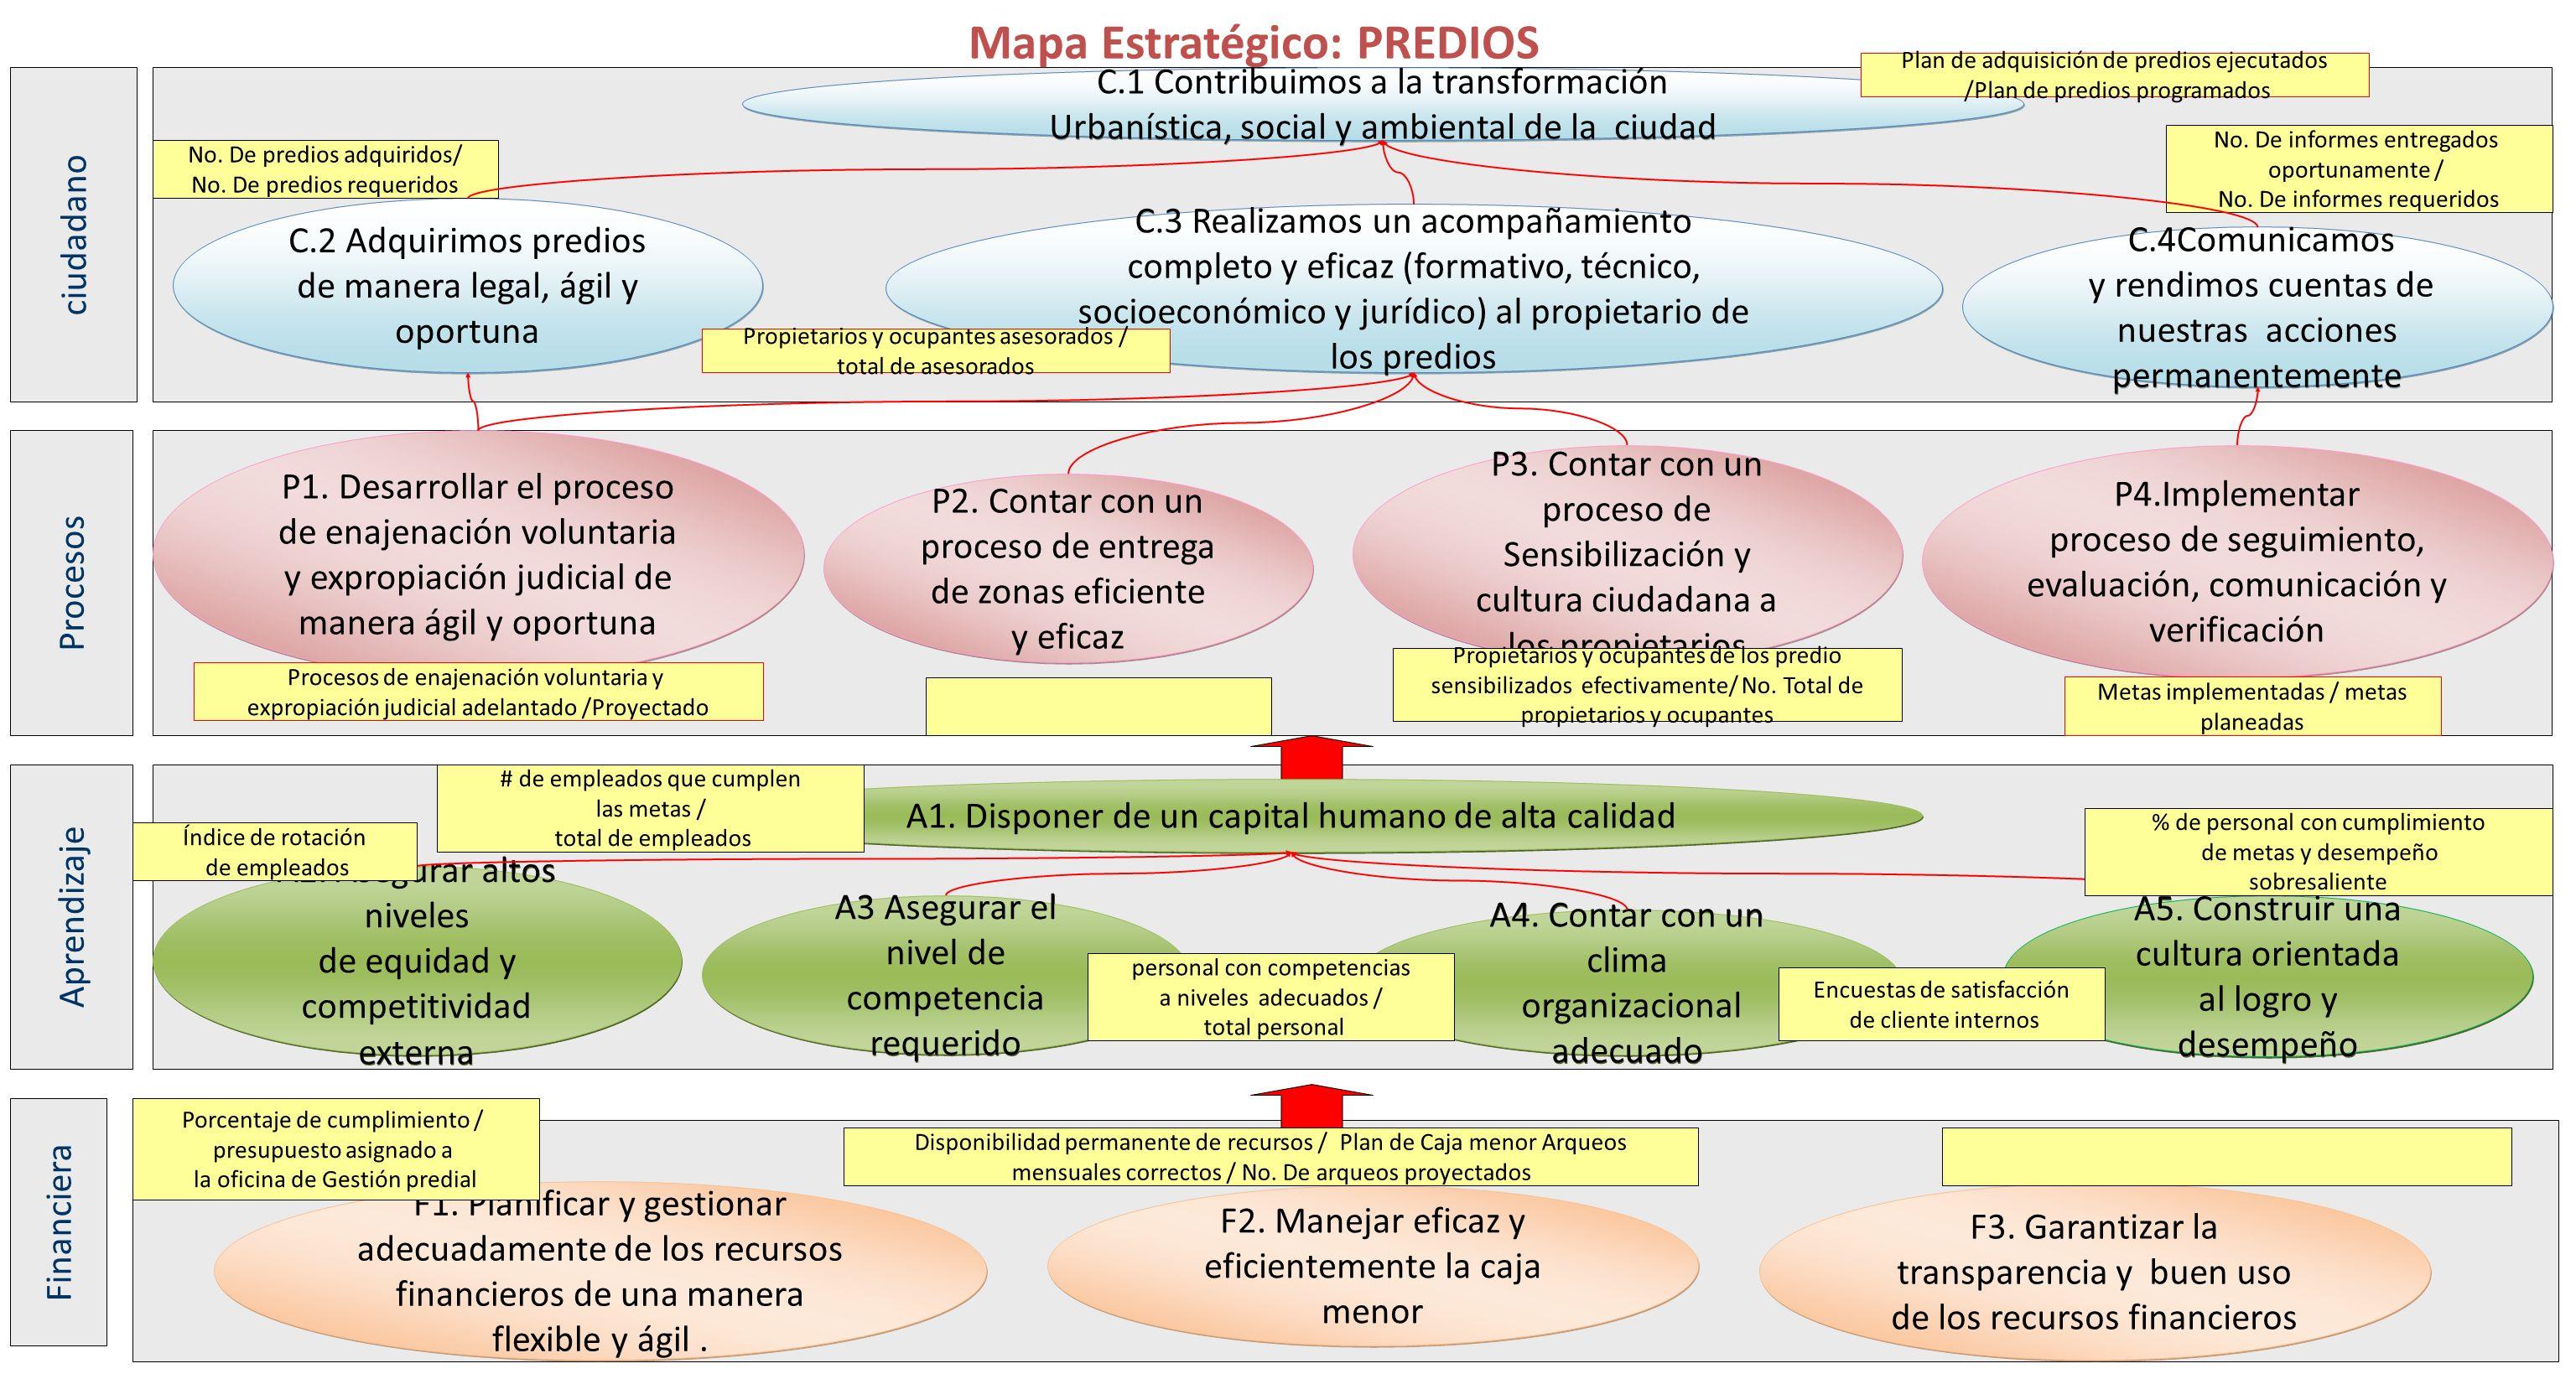 Mapa estratégico: Financiero P3.Utilizar sistemas de información ágil y eficiente A2.